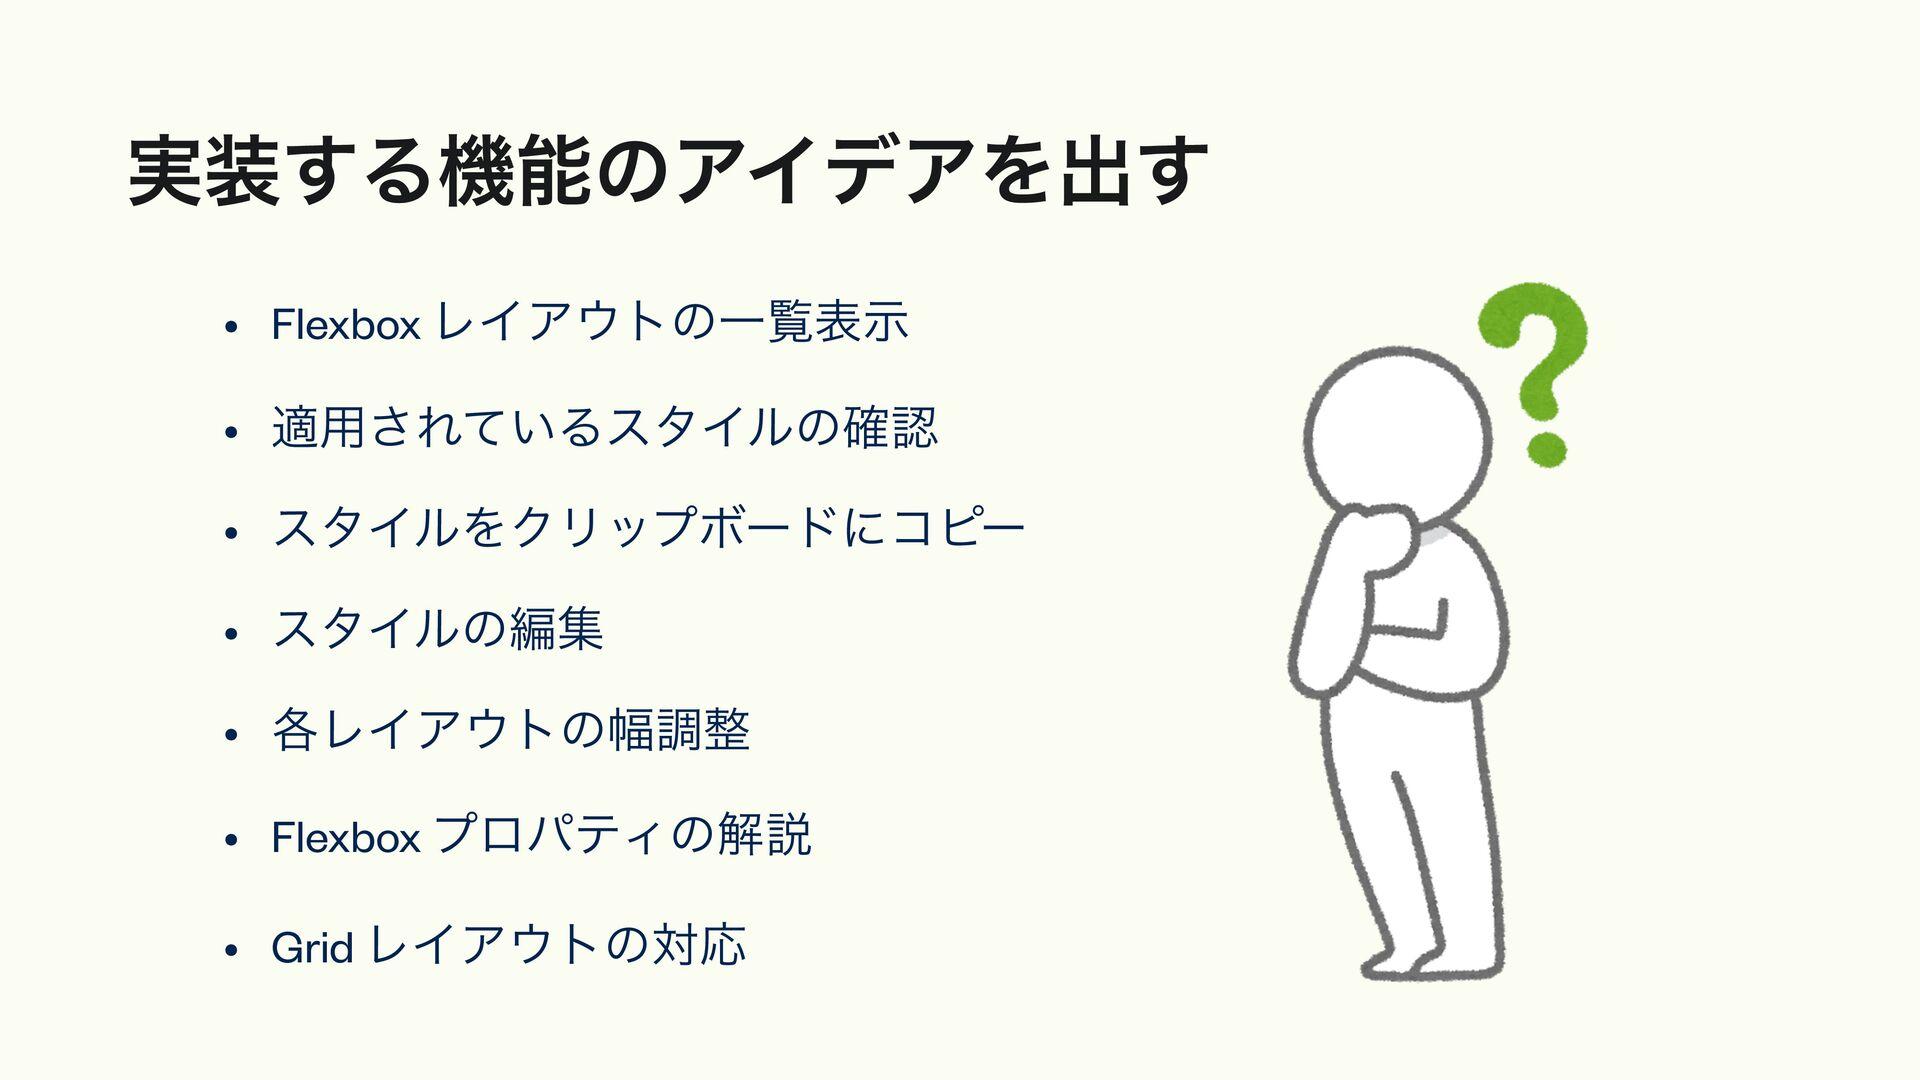 UX(Ϣʔβʔମݧ)Λߟ͑Δ ஔͷΠϝʔδ૾Λ͍ͬͯΔϢʔβʔ ͕ Πϝʔδ૾ʹ͍ۙ Fl...